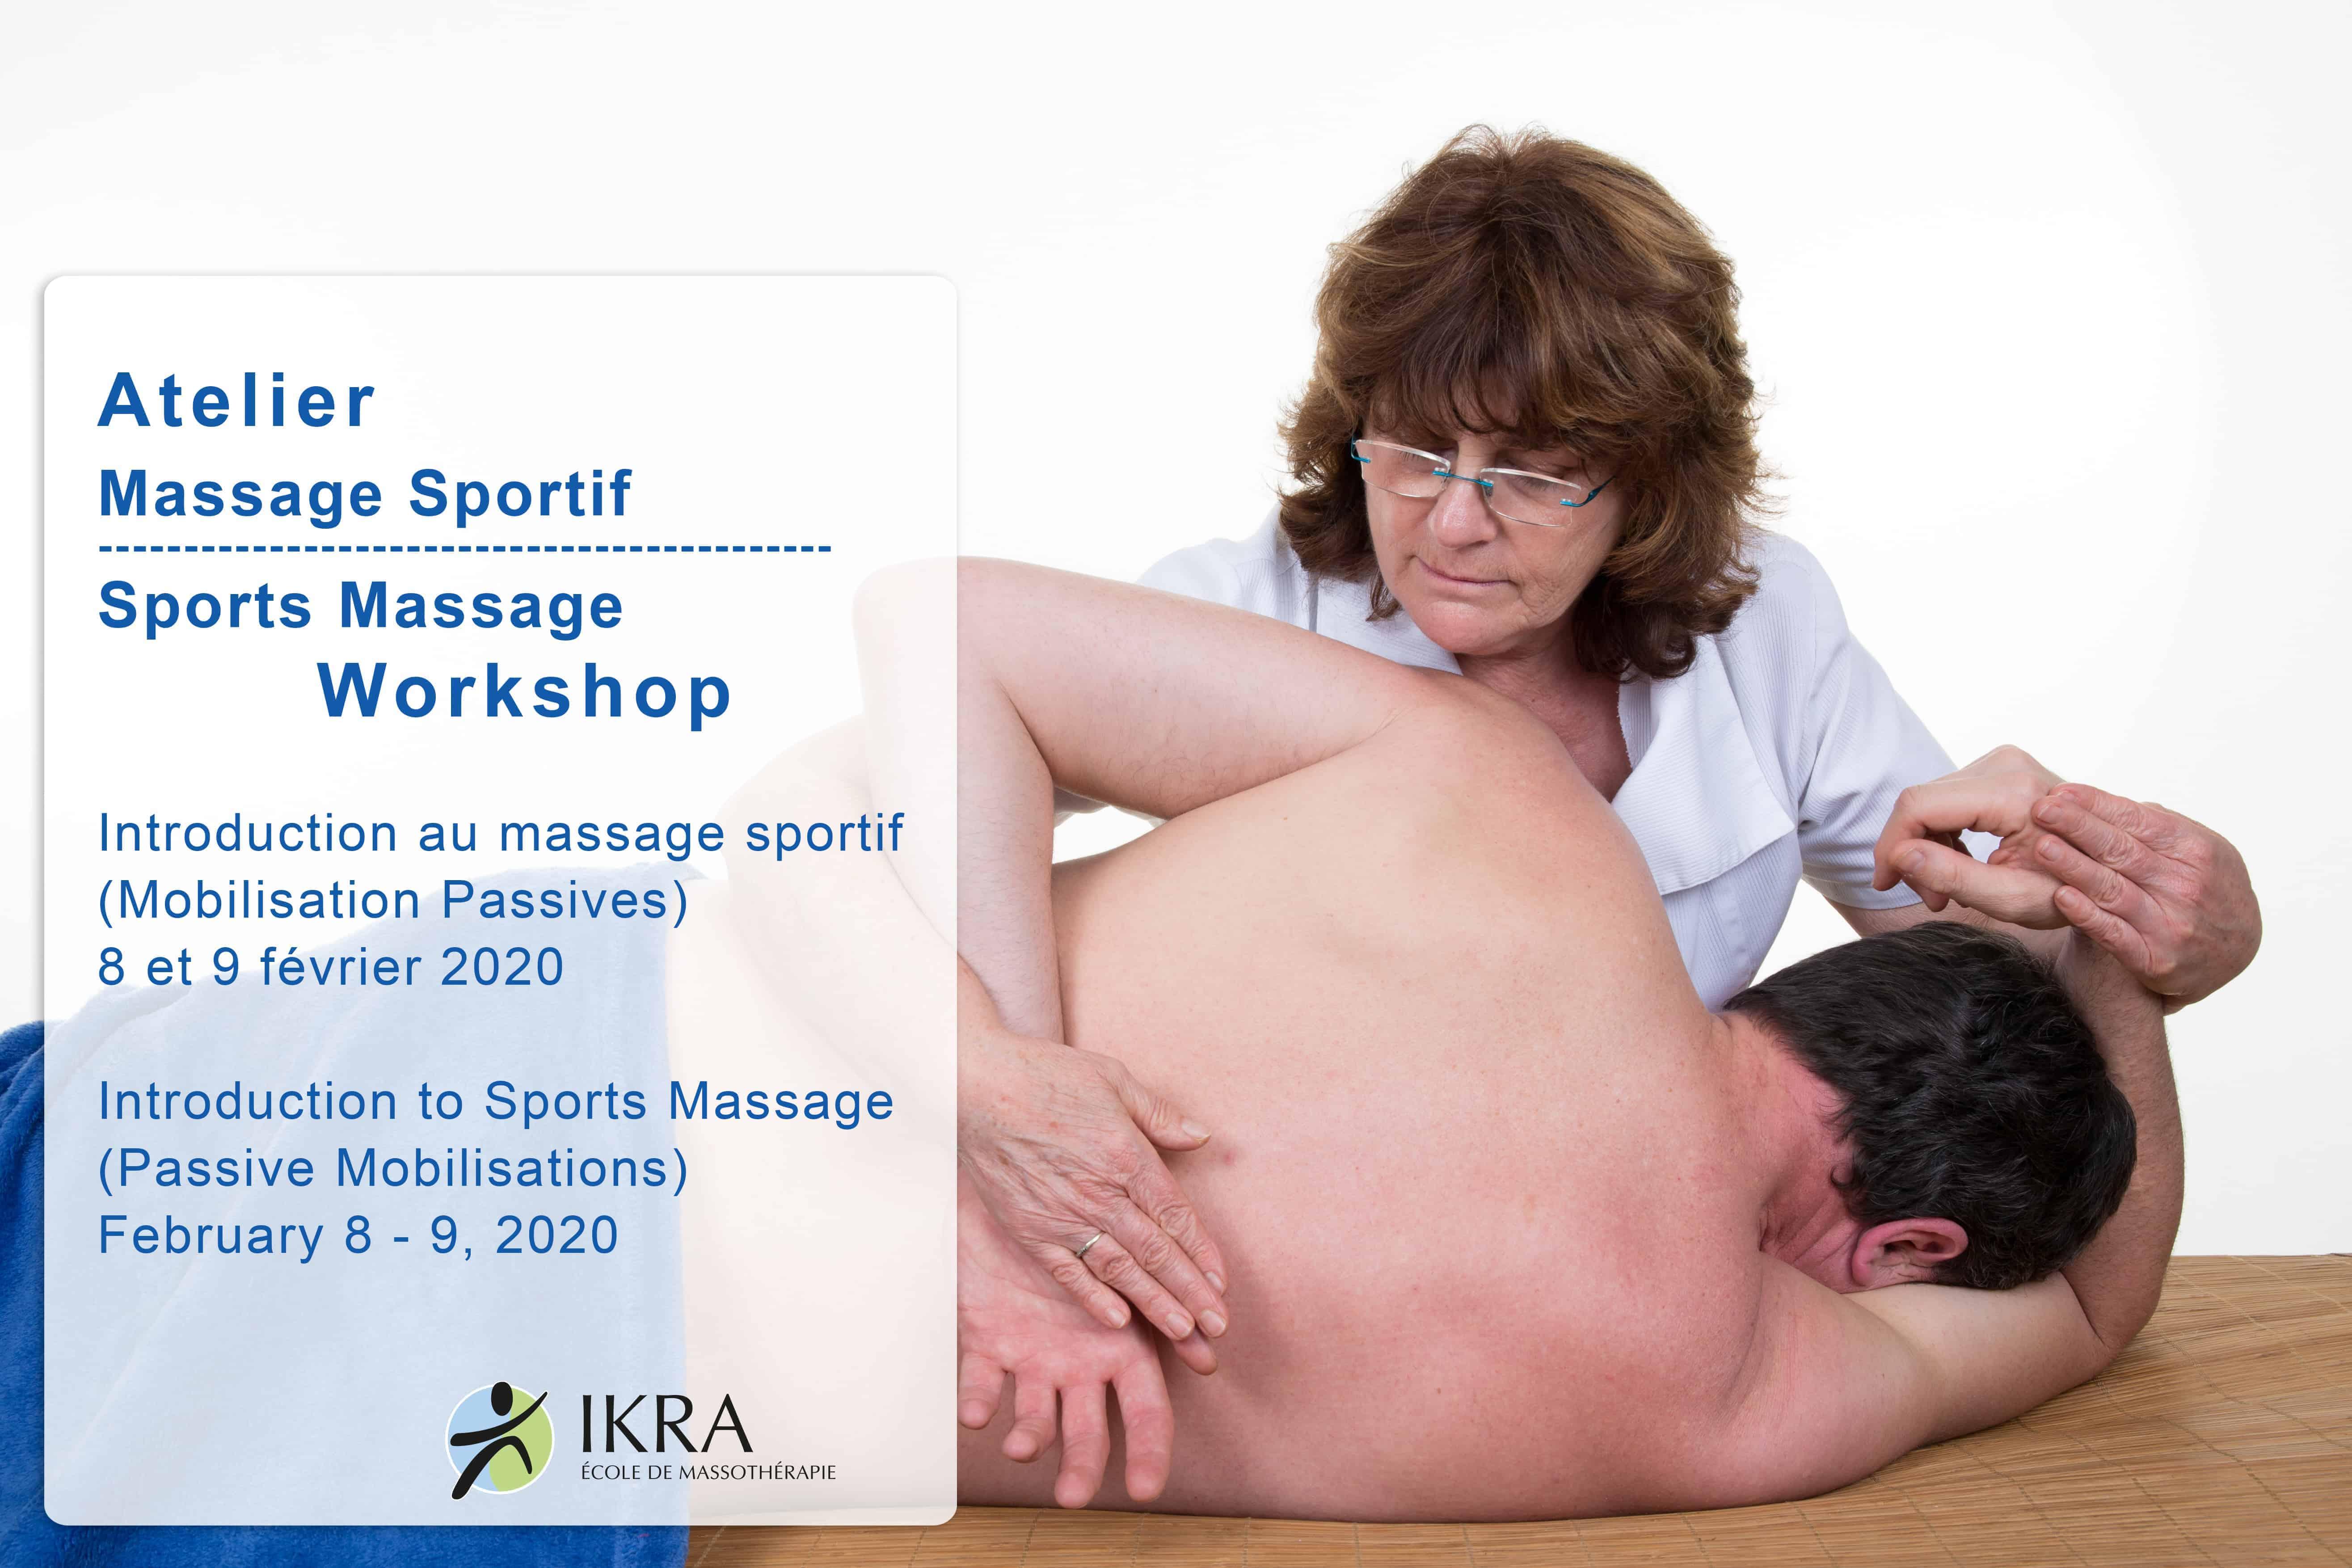 Sports massage workshop promotional banner